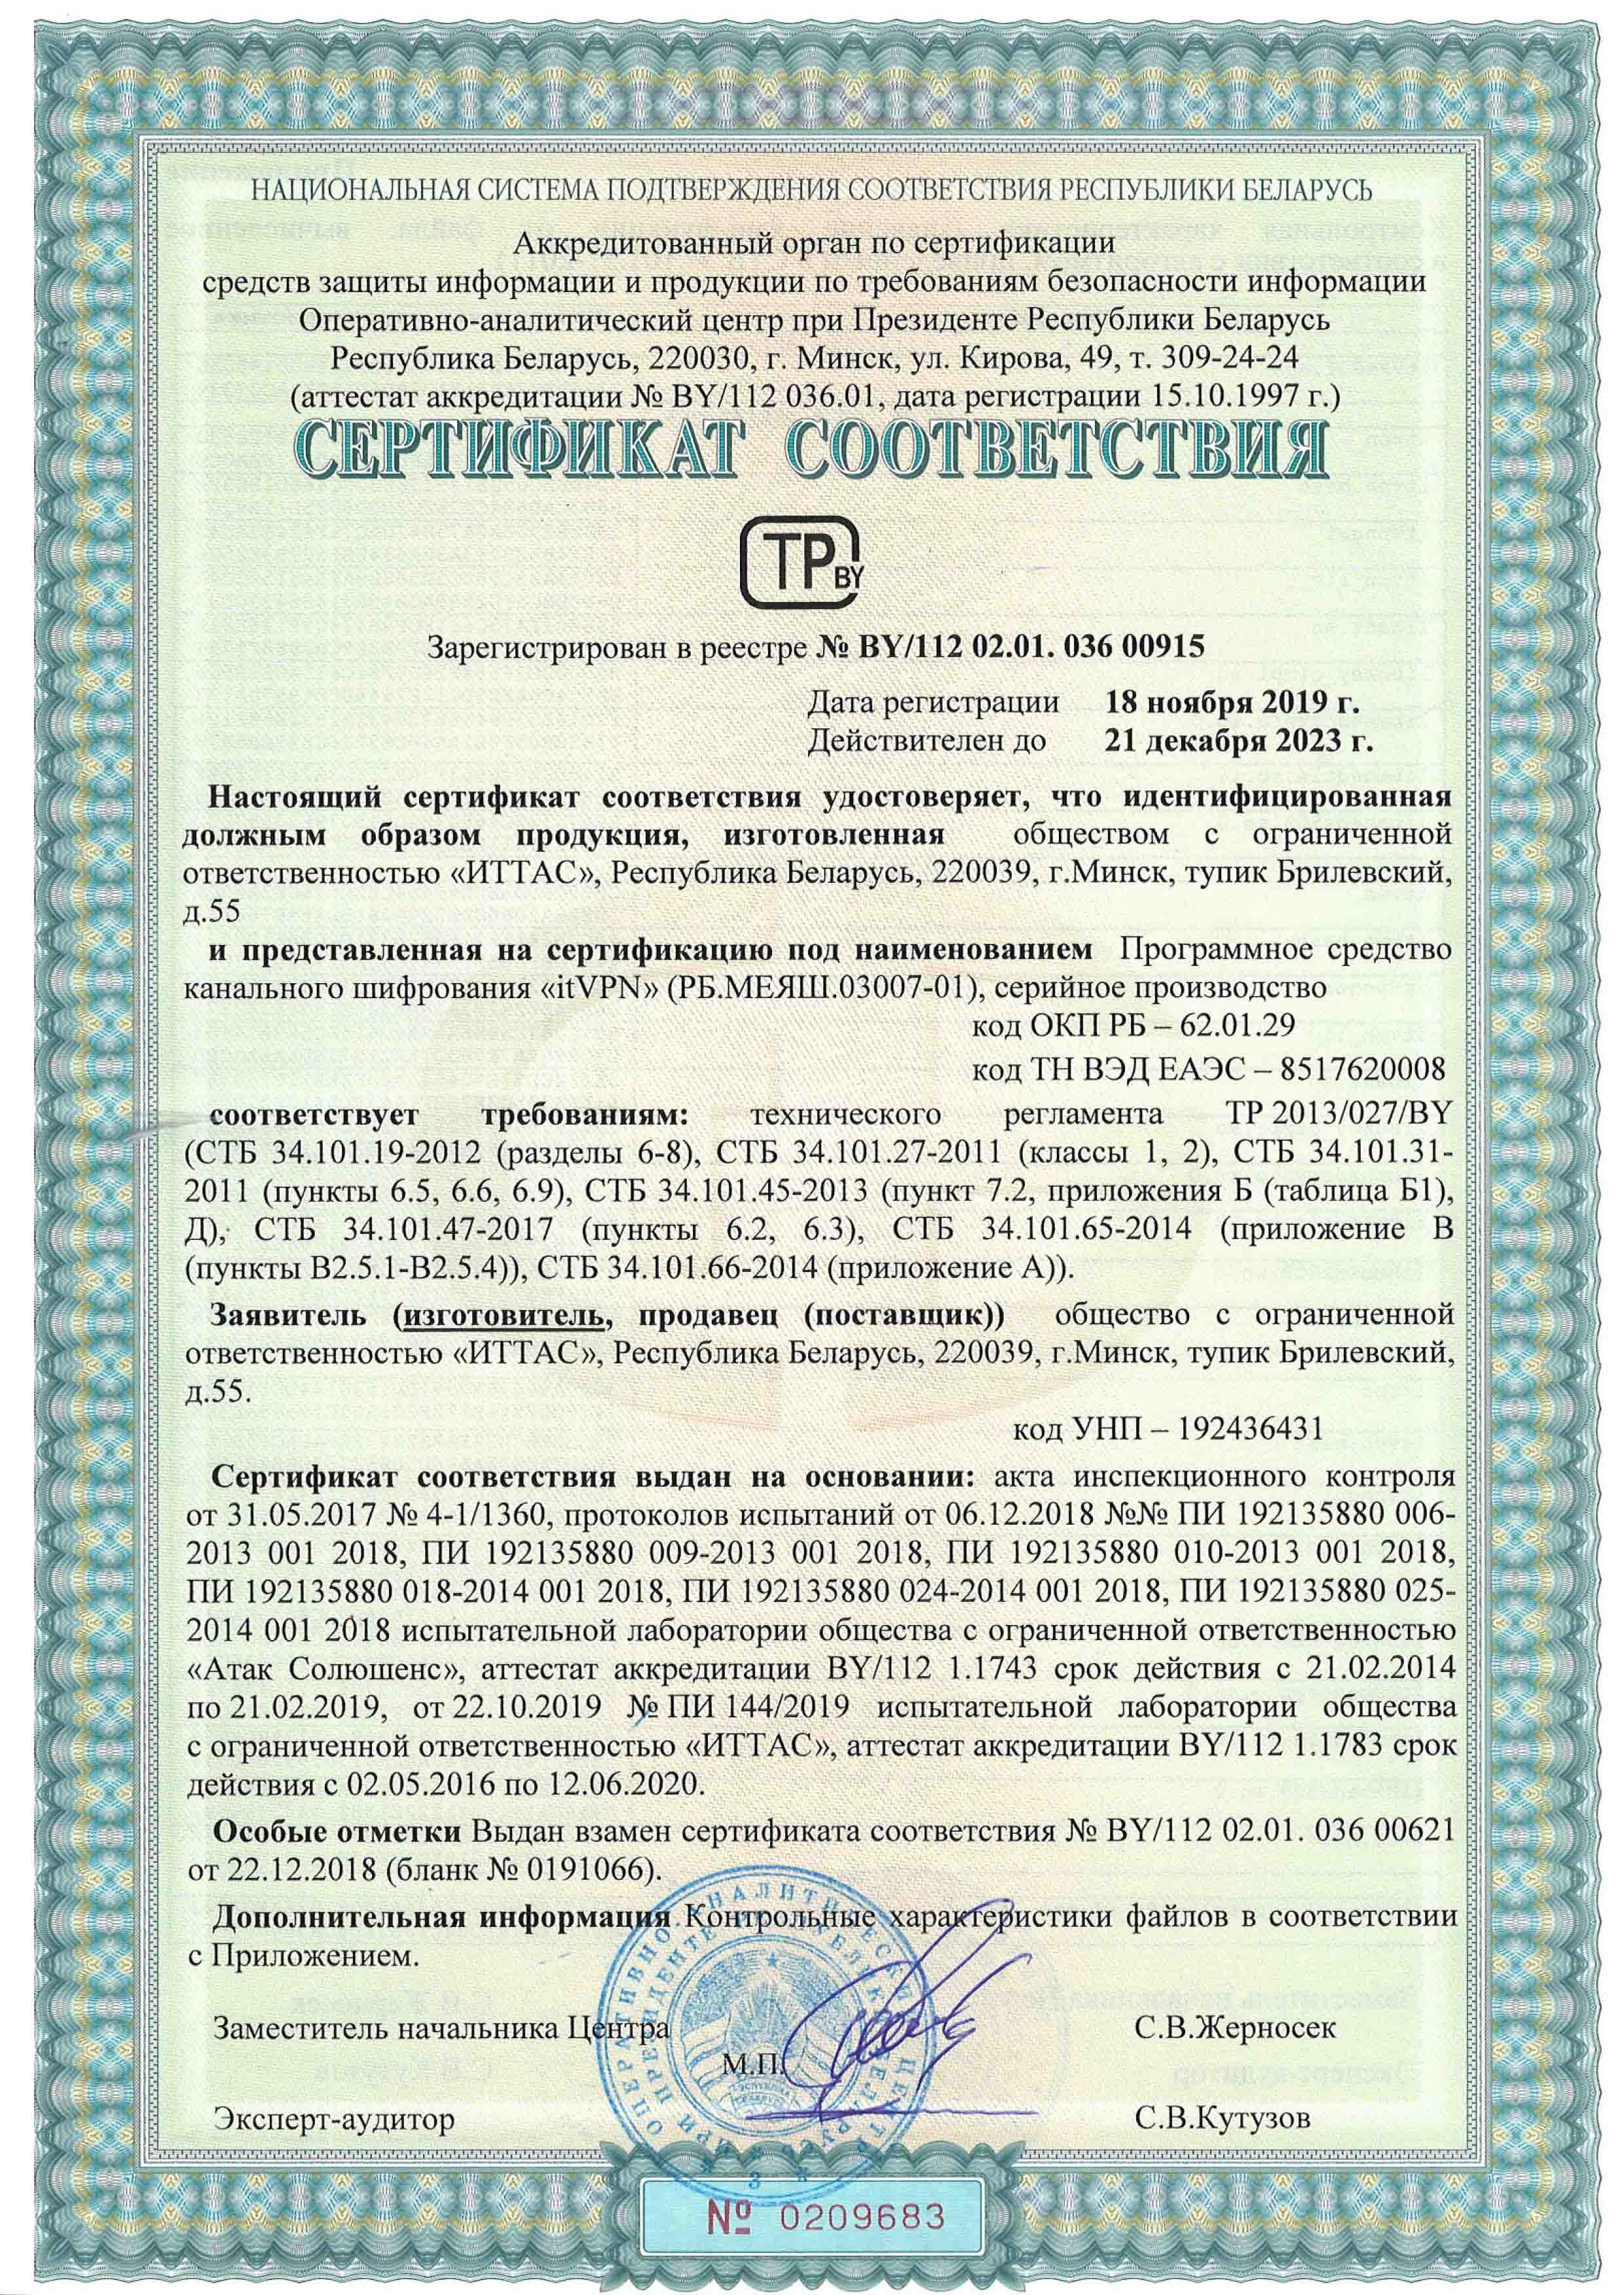 Сертификат соответствия itVPN